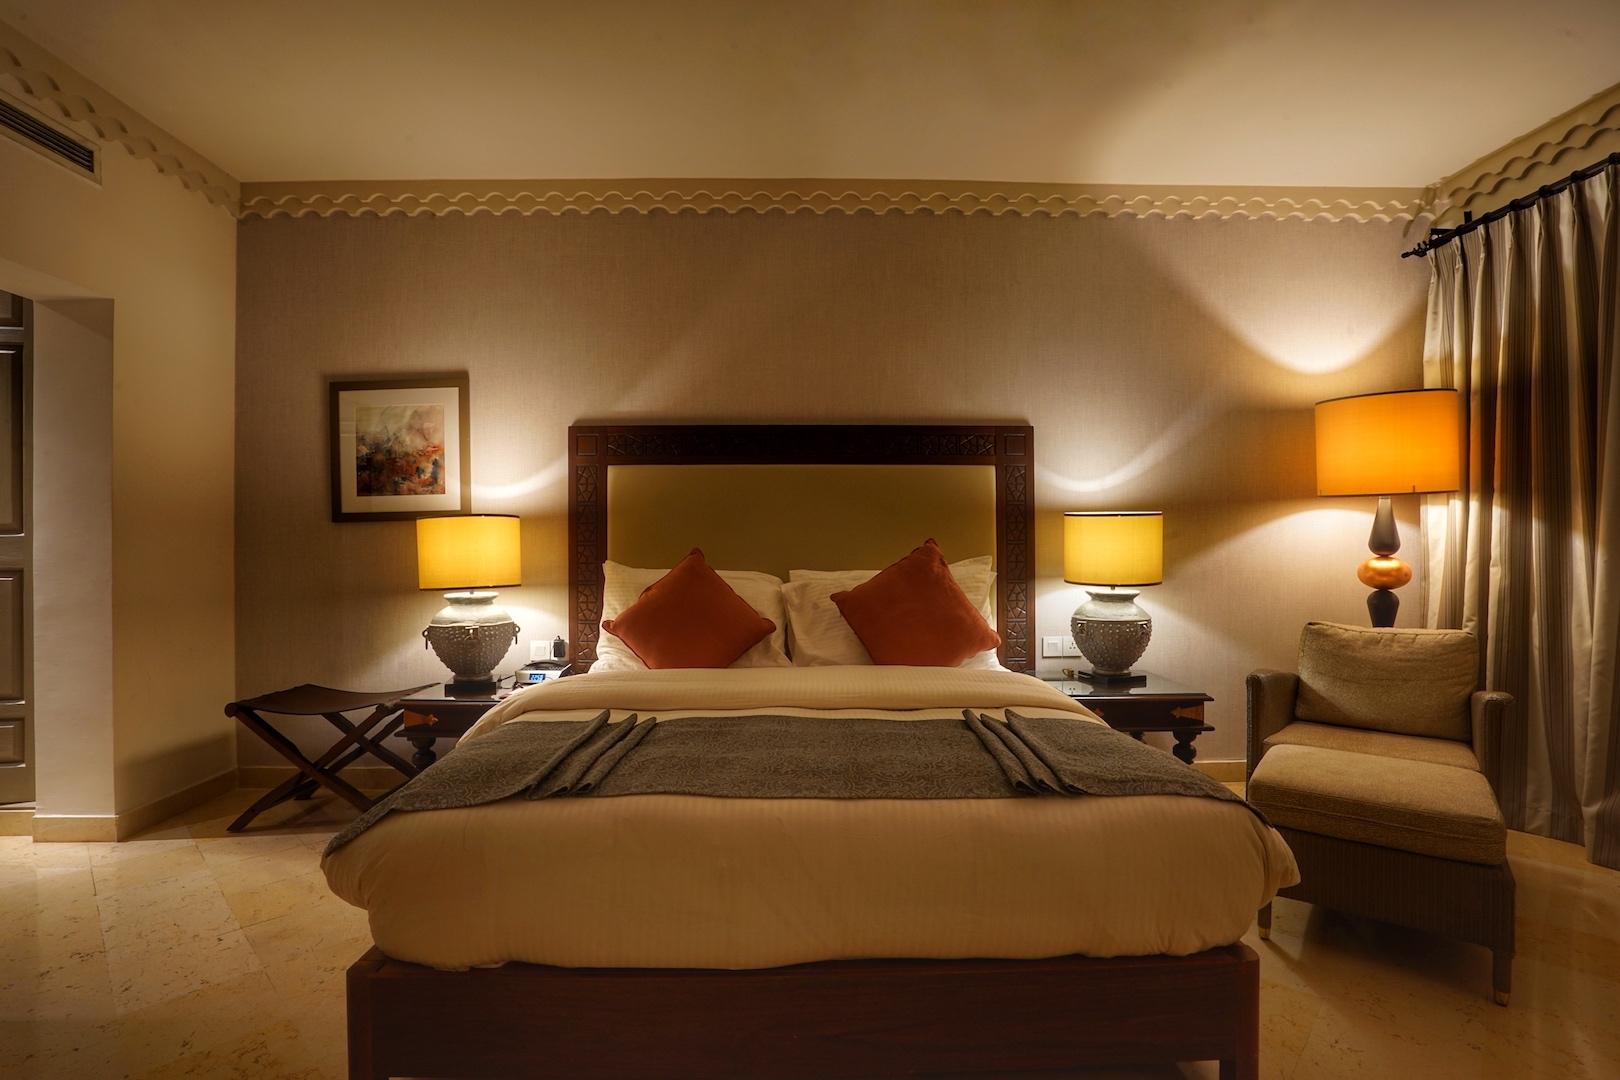 Die Suite Zara im Haupthaus besticht neben einem geräumigen Schlafzimmer